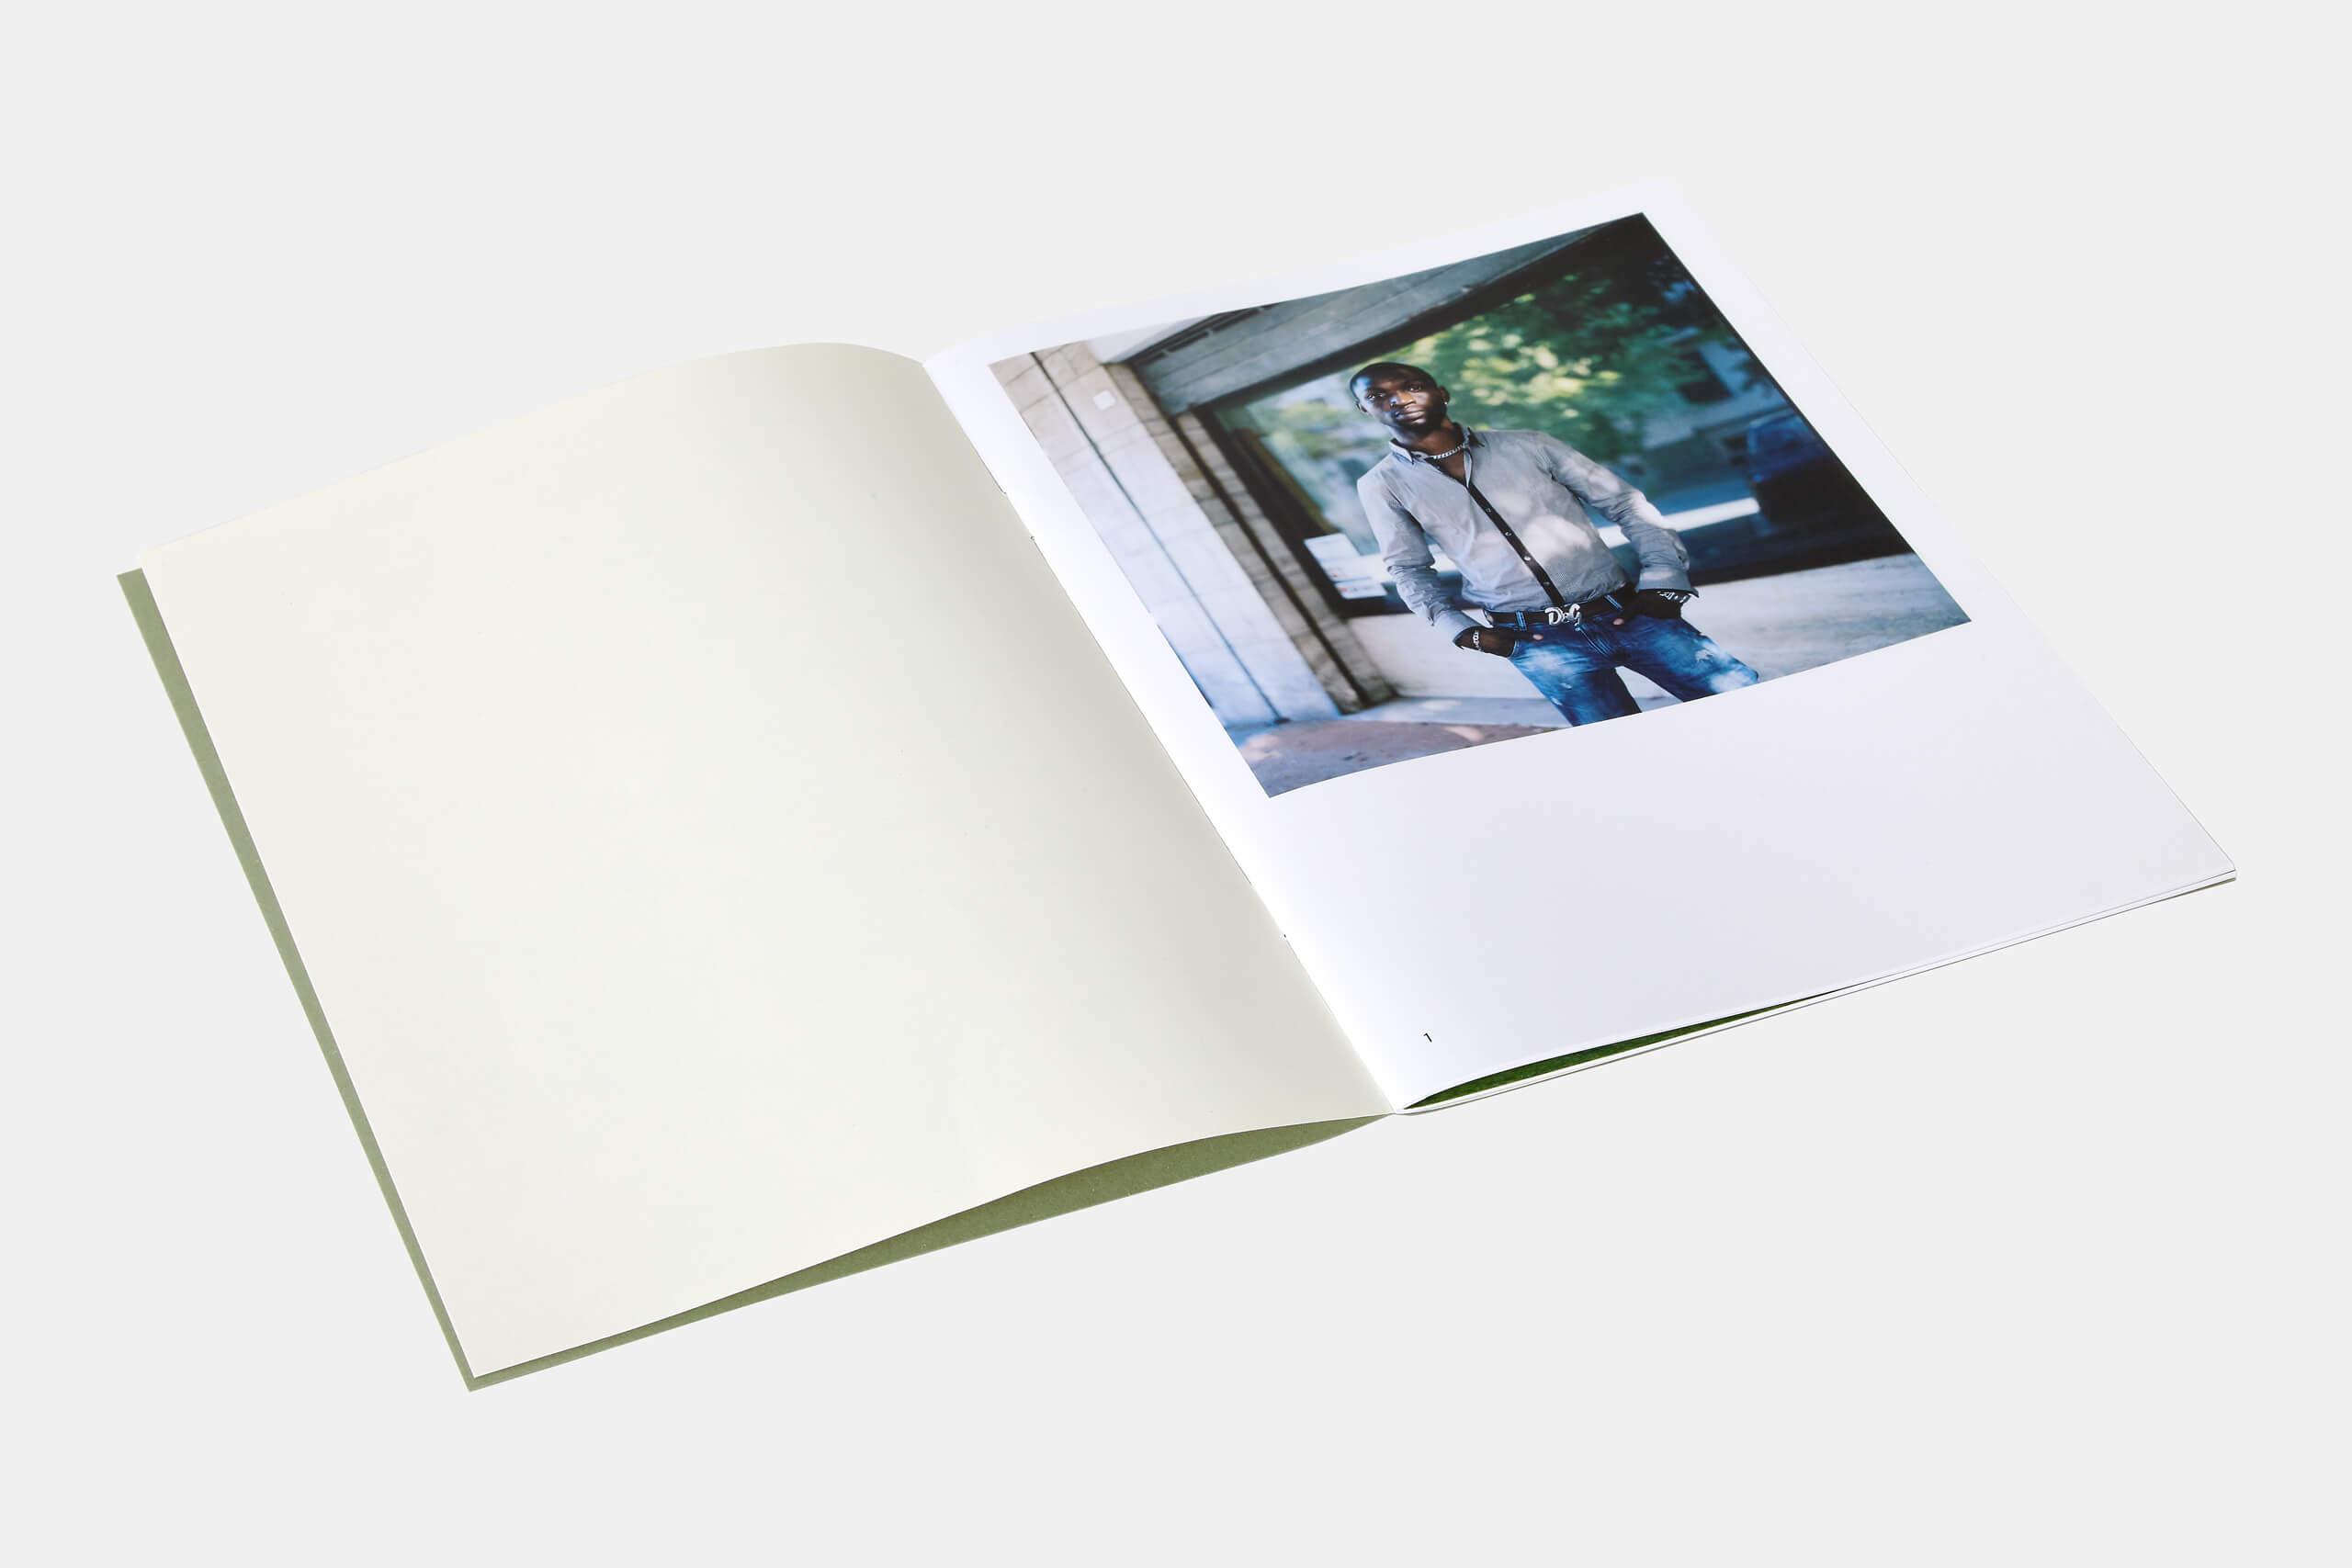 Federico_Covre_Parendo_Alla_Mente_Book_Osservatorio_Fotografico_2014_04